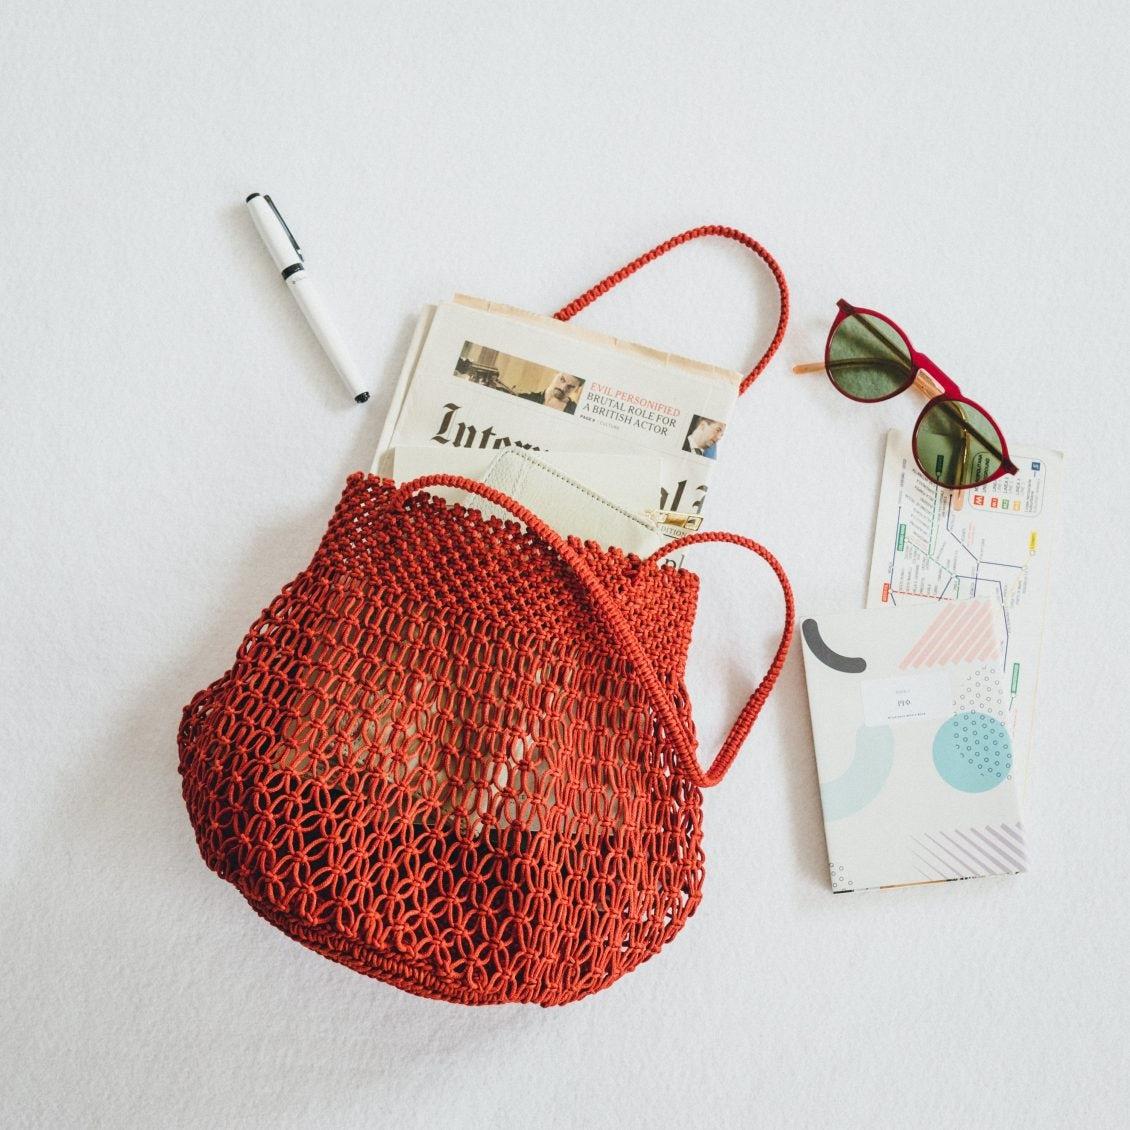 【新商品】夏コーデがぐっとおしゃれに♪ ころんと愛らしい「マクラメバッグ」が新登場です!